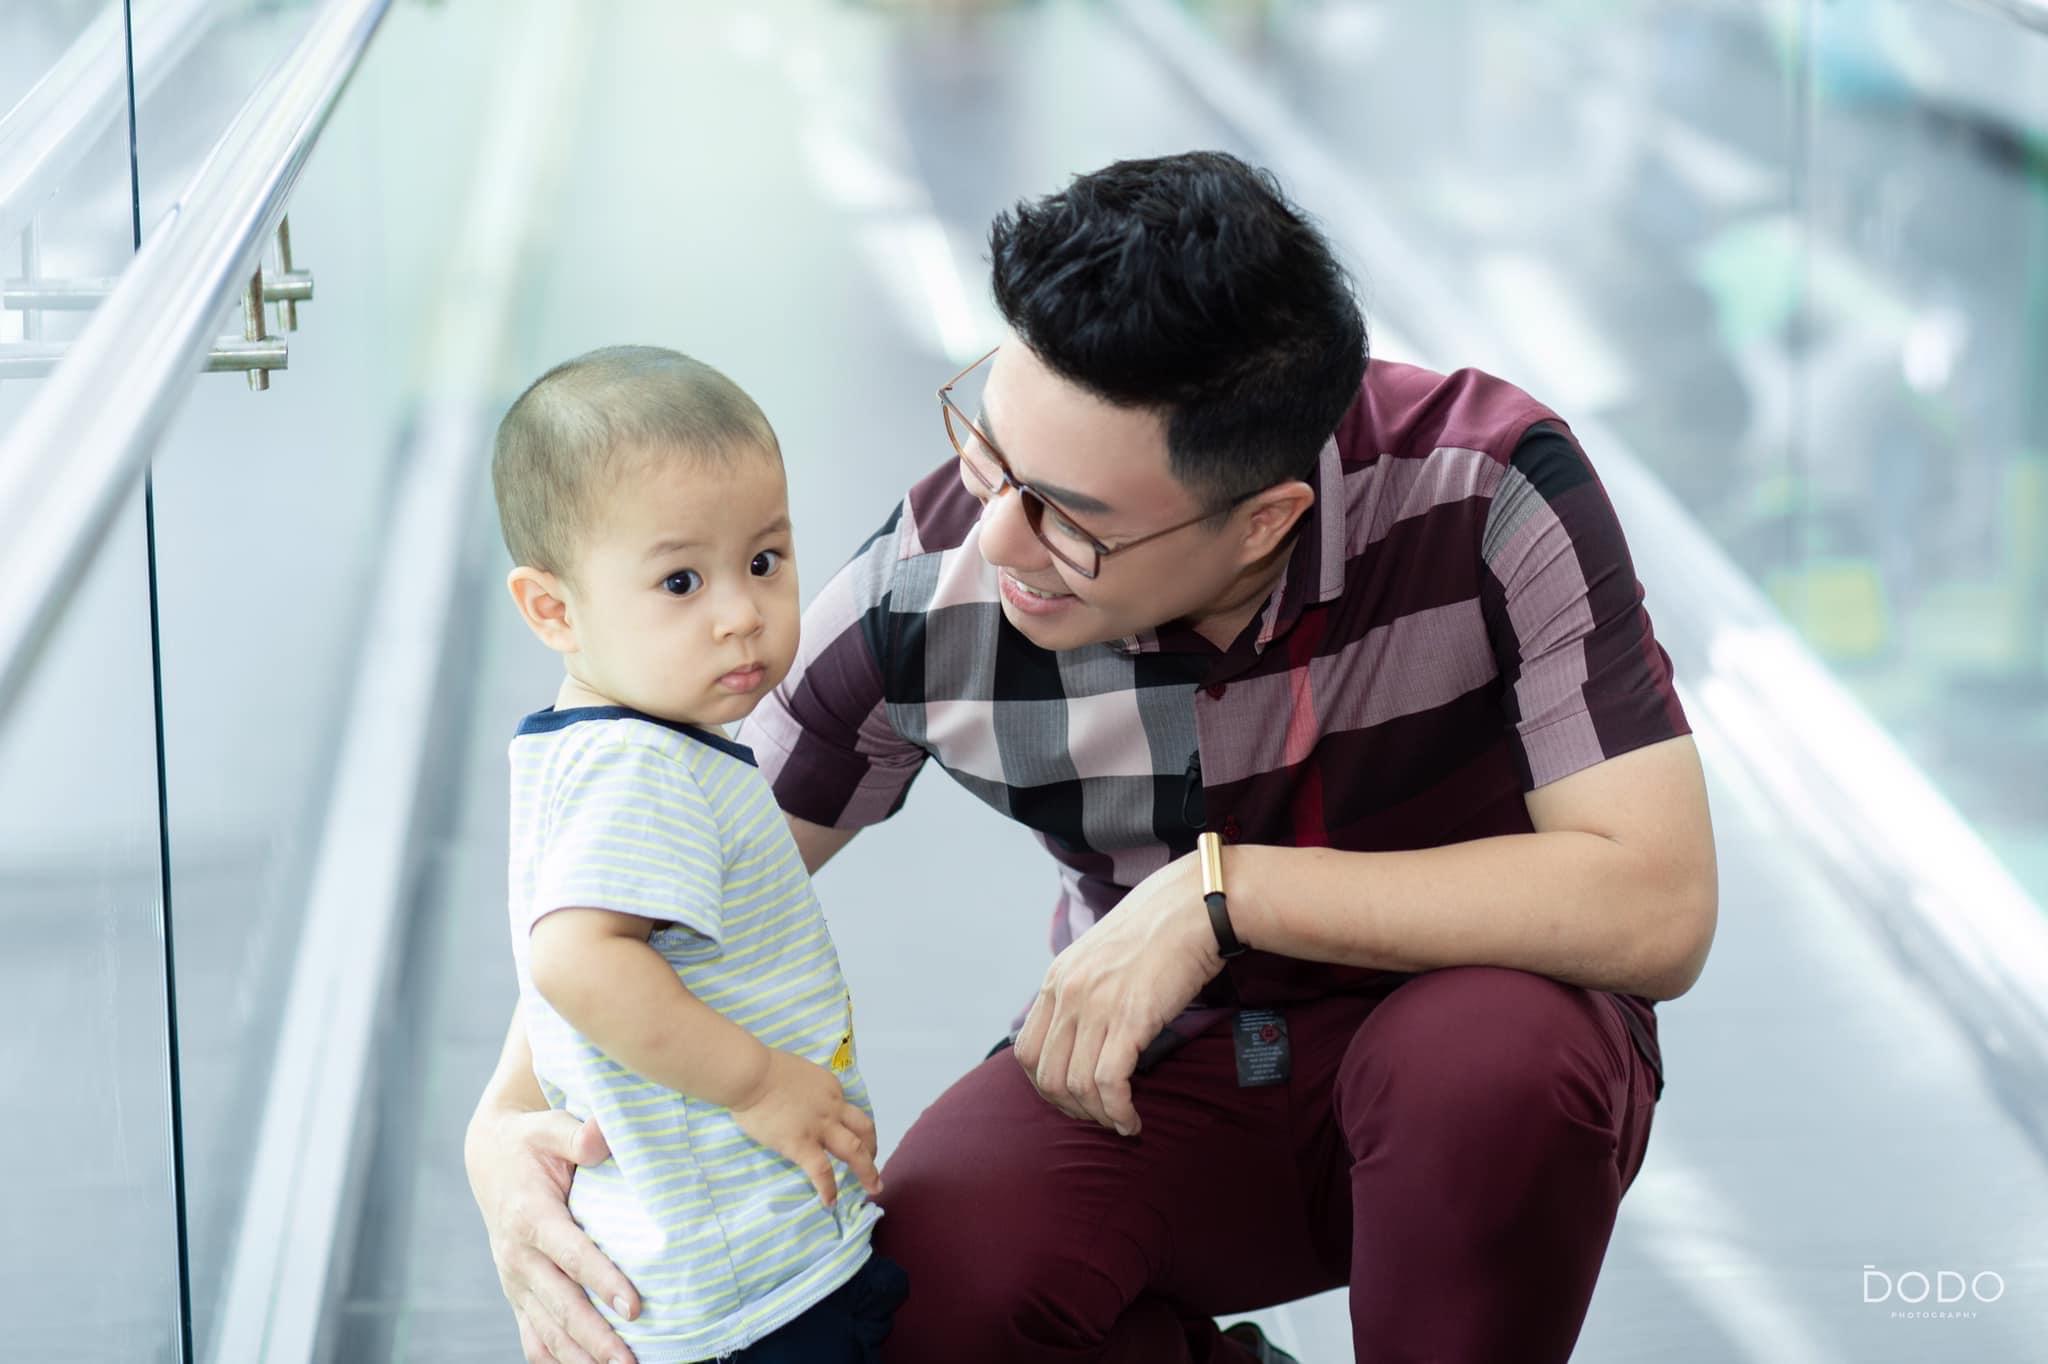 """MC Lê Anh: """"Nếu chọn làm bố đơn thân, tôi không cần ai chia sẻ với mình"""" - 1"""